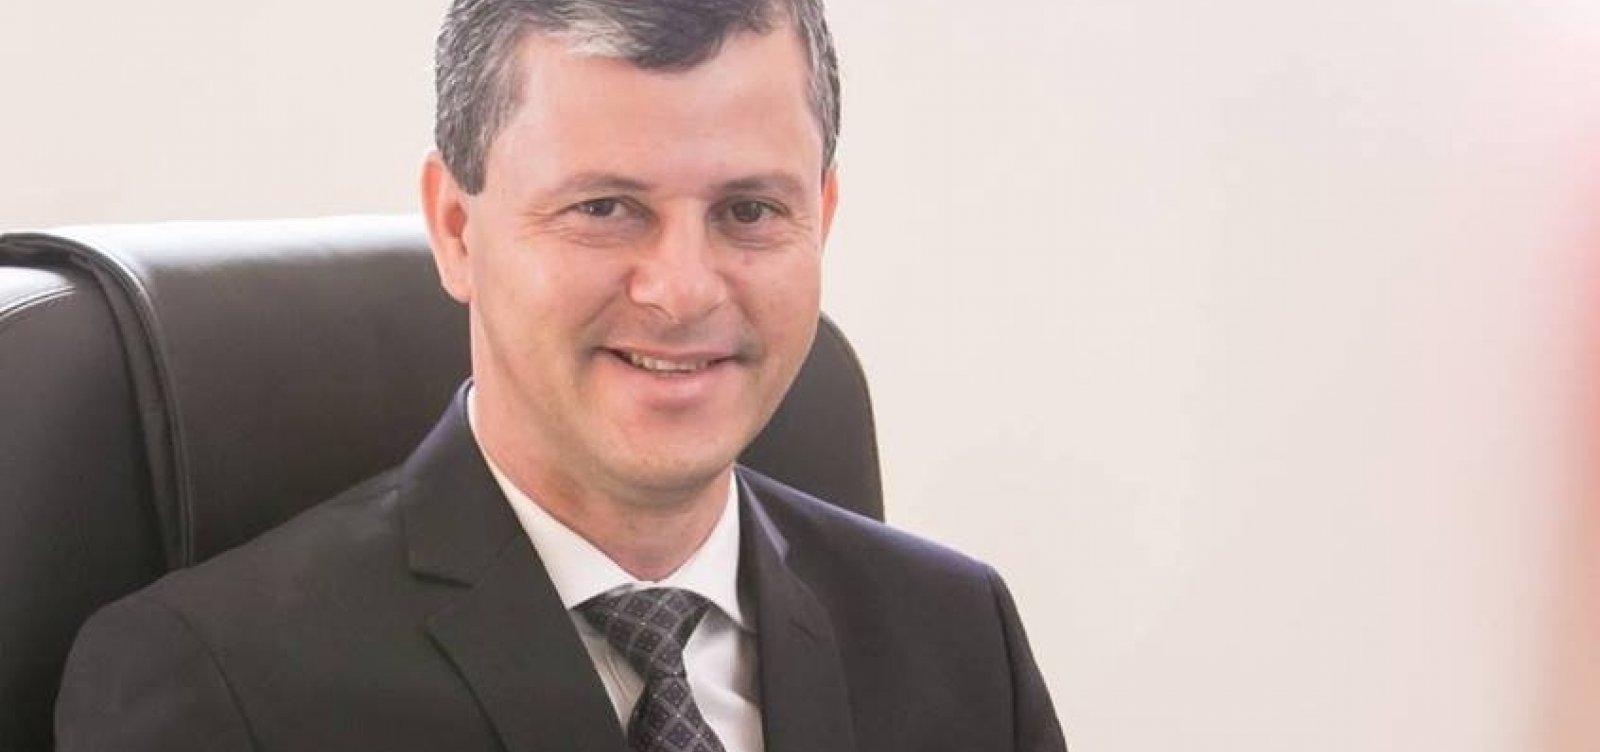 Prefeito de Caetité é denunciado por fraude em licitações